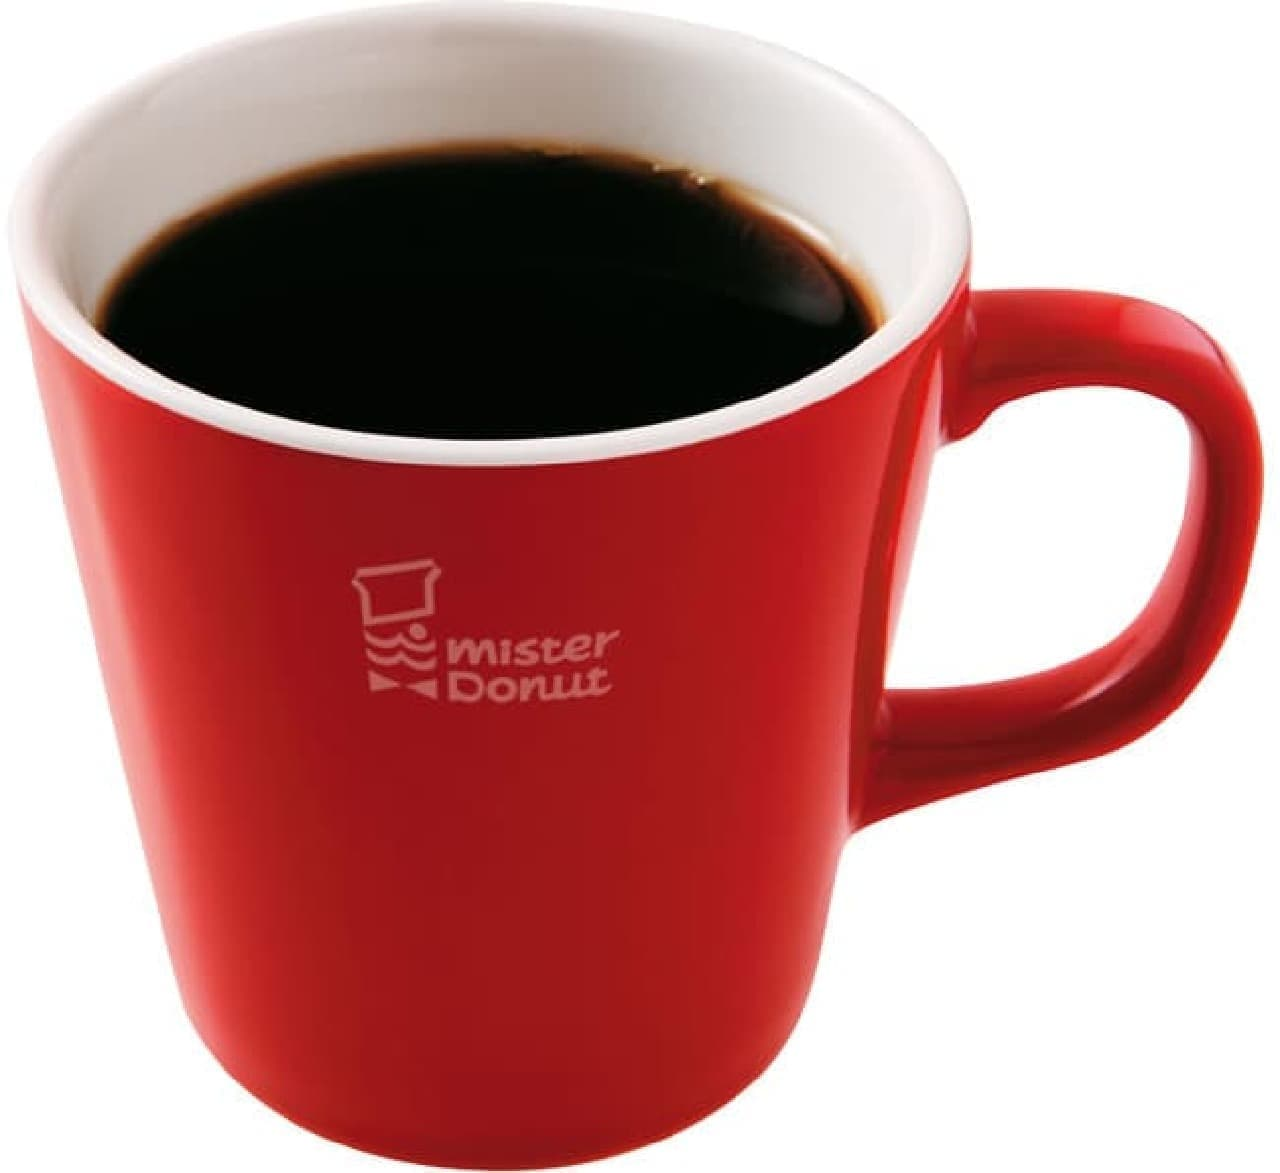 ミスド ブレンドコーヒー